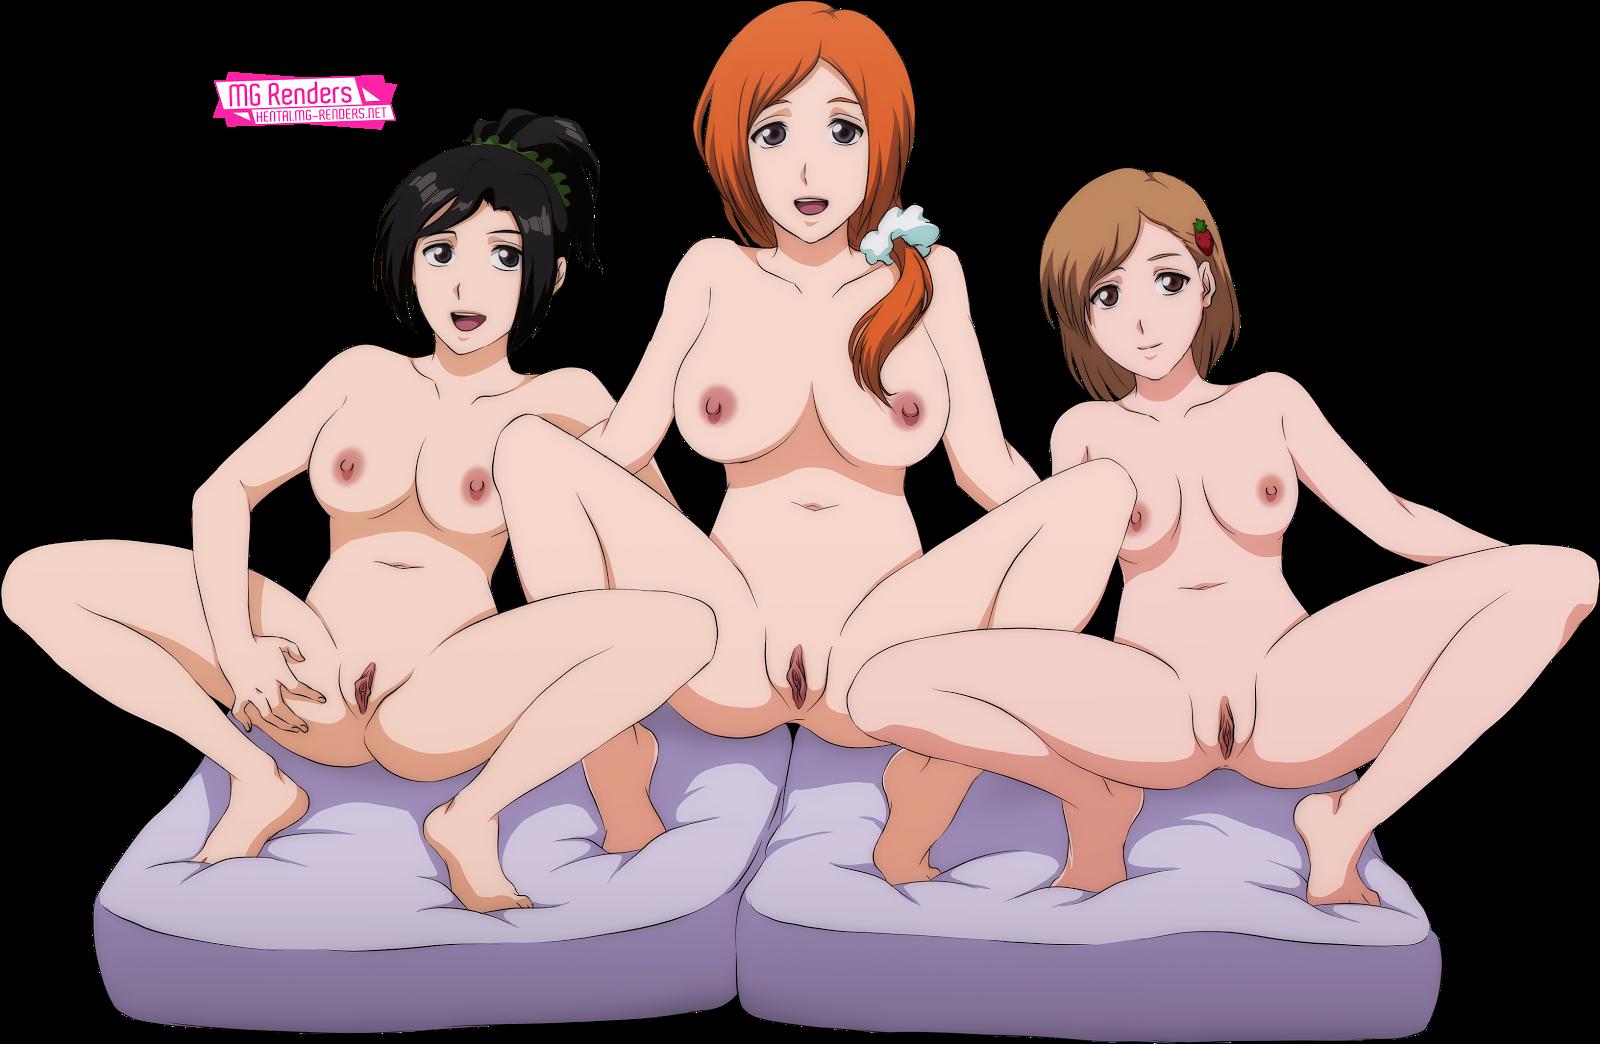 Bleach - Inoue Orihime, Kurosaki Karin, Kurosaki Yuzu Render 1